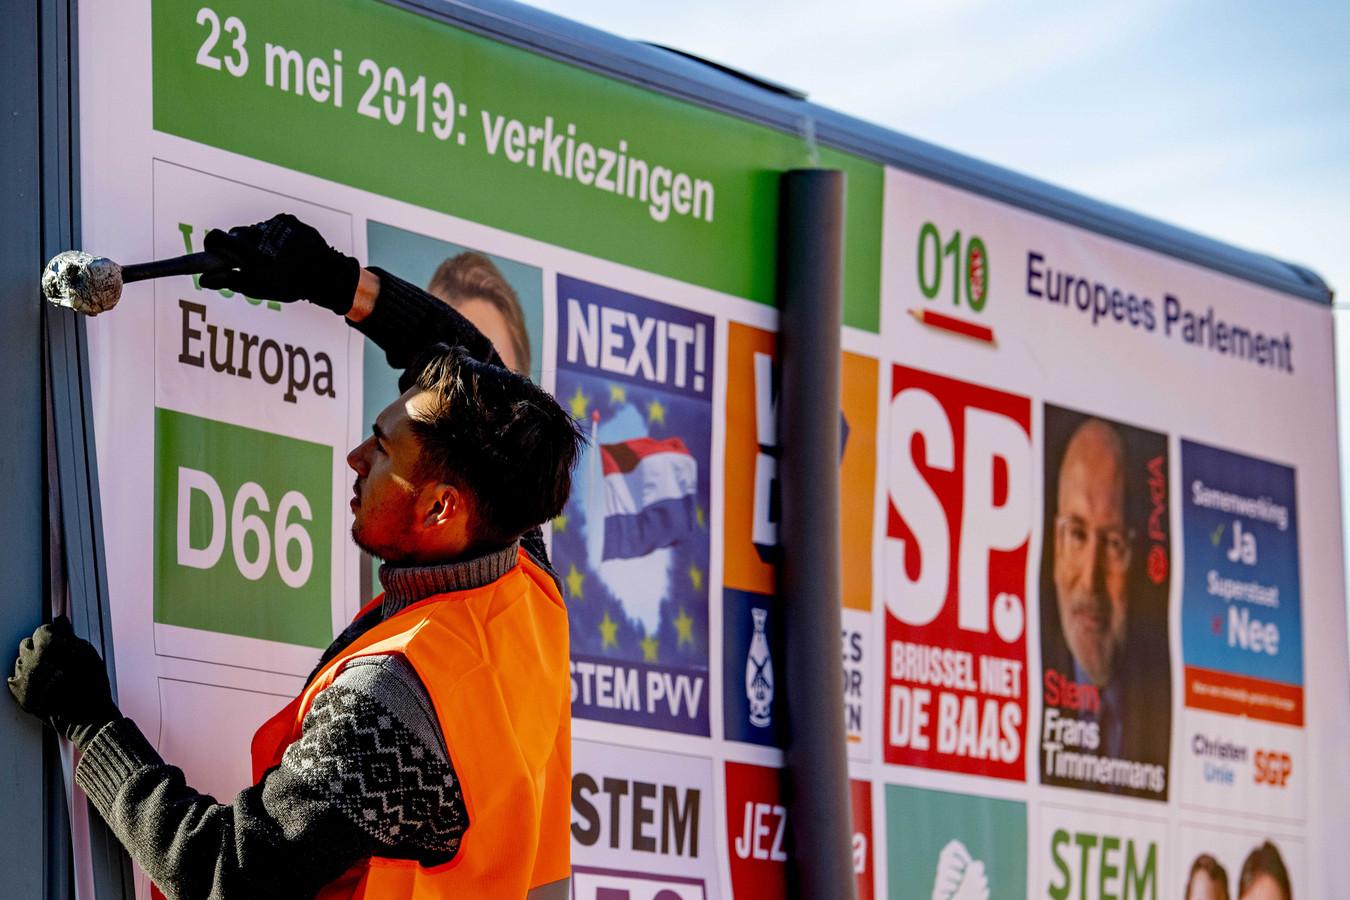 Verkiezingsposters voor de Europese verkiezingen.